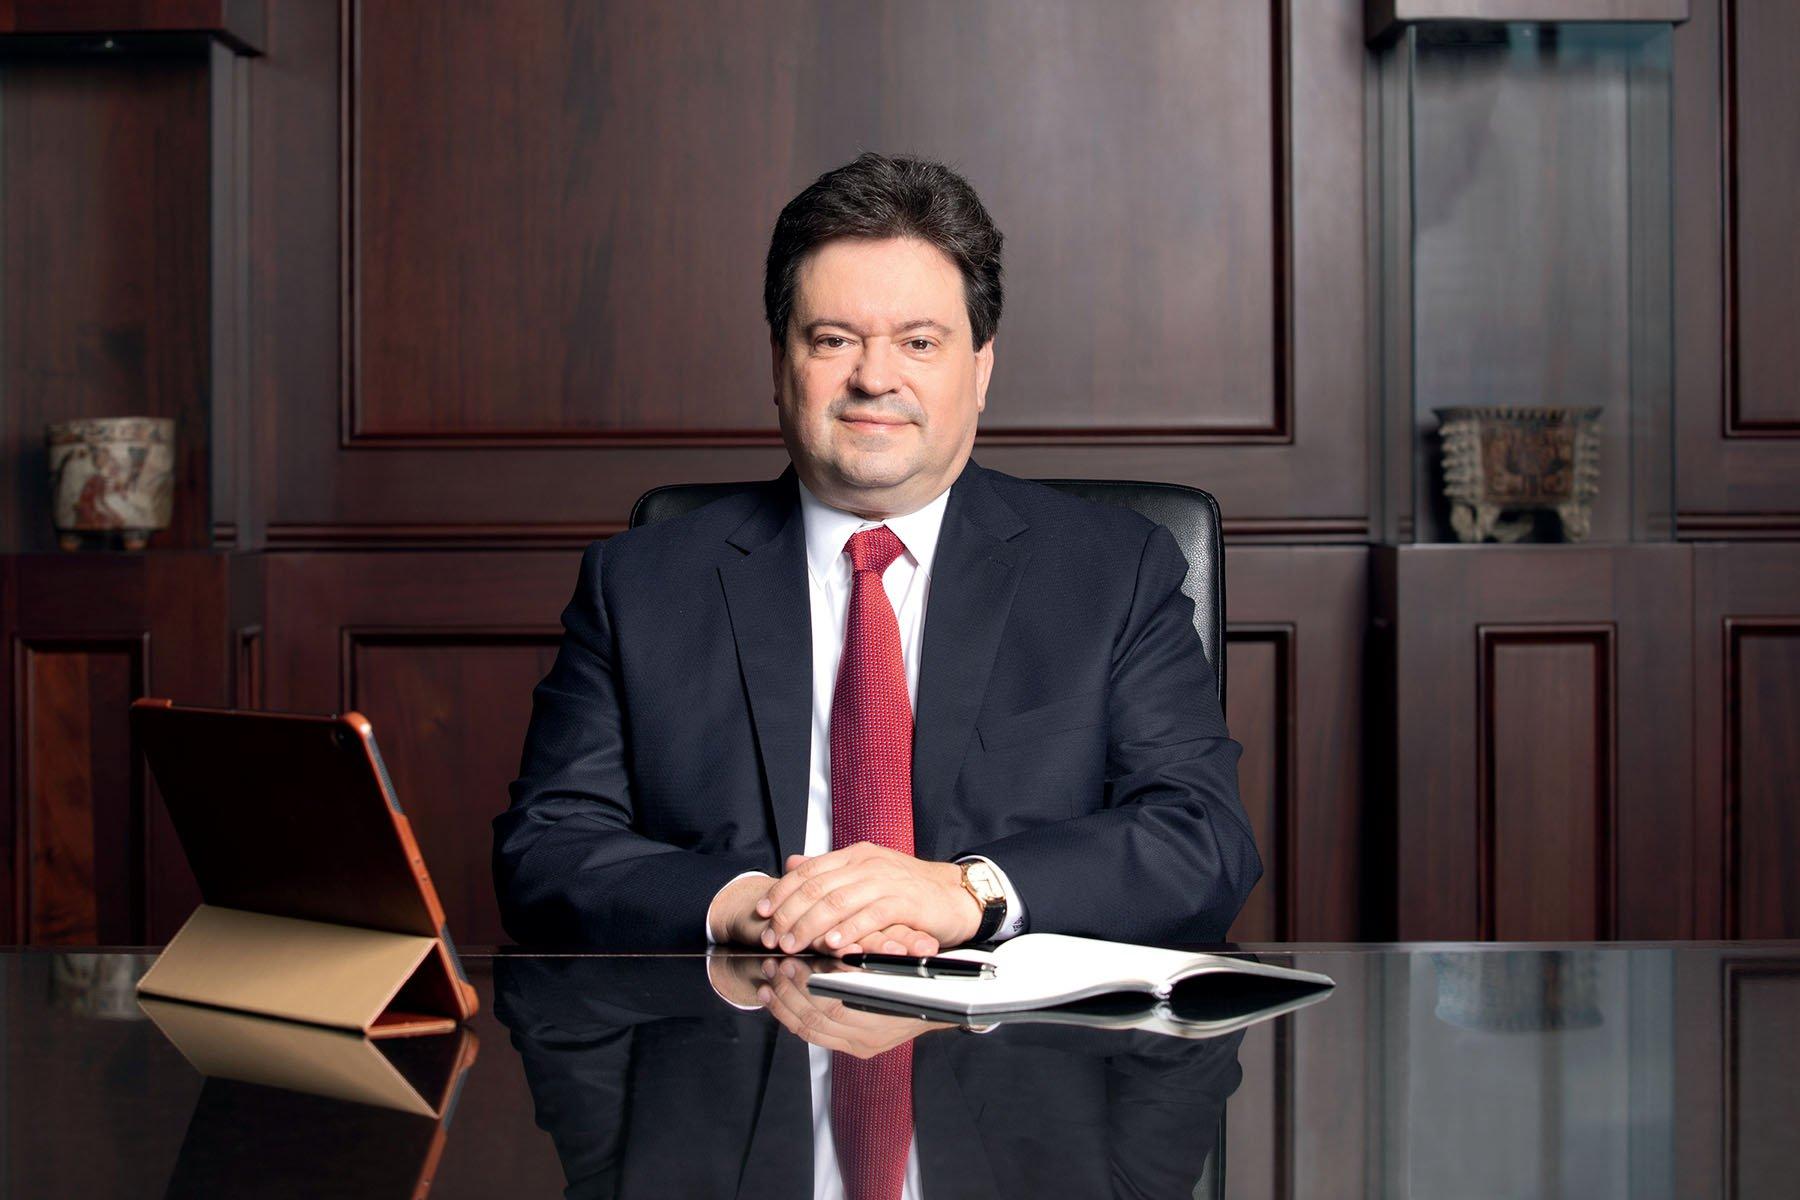 Guillermo Bueso, CEO of Banco Atlántida